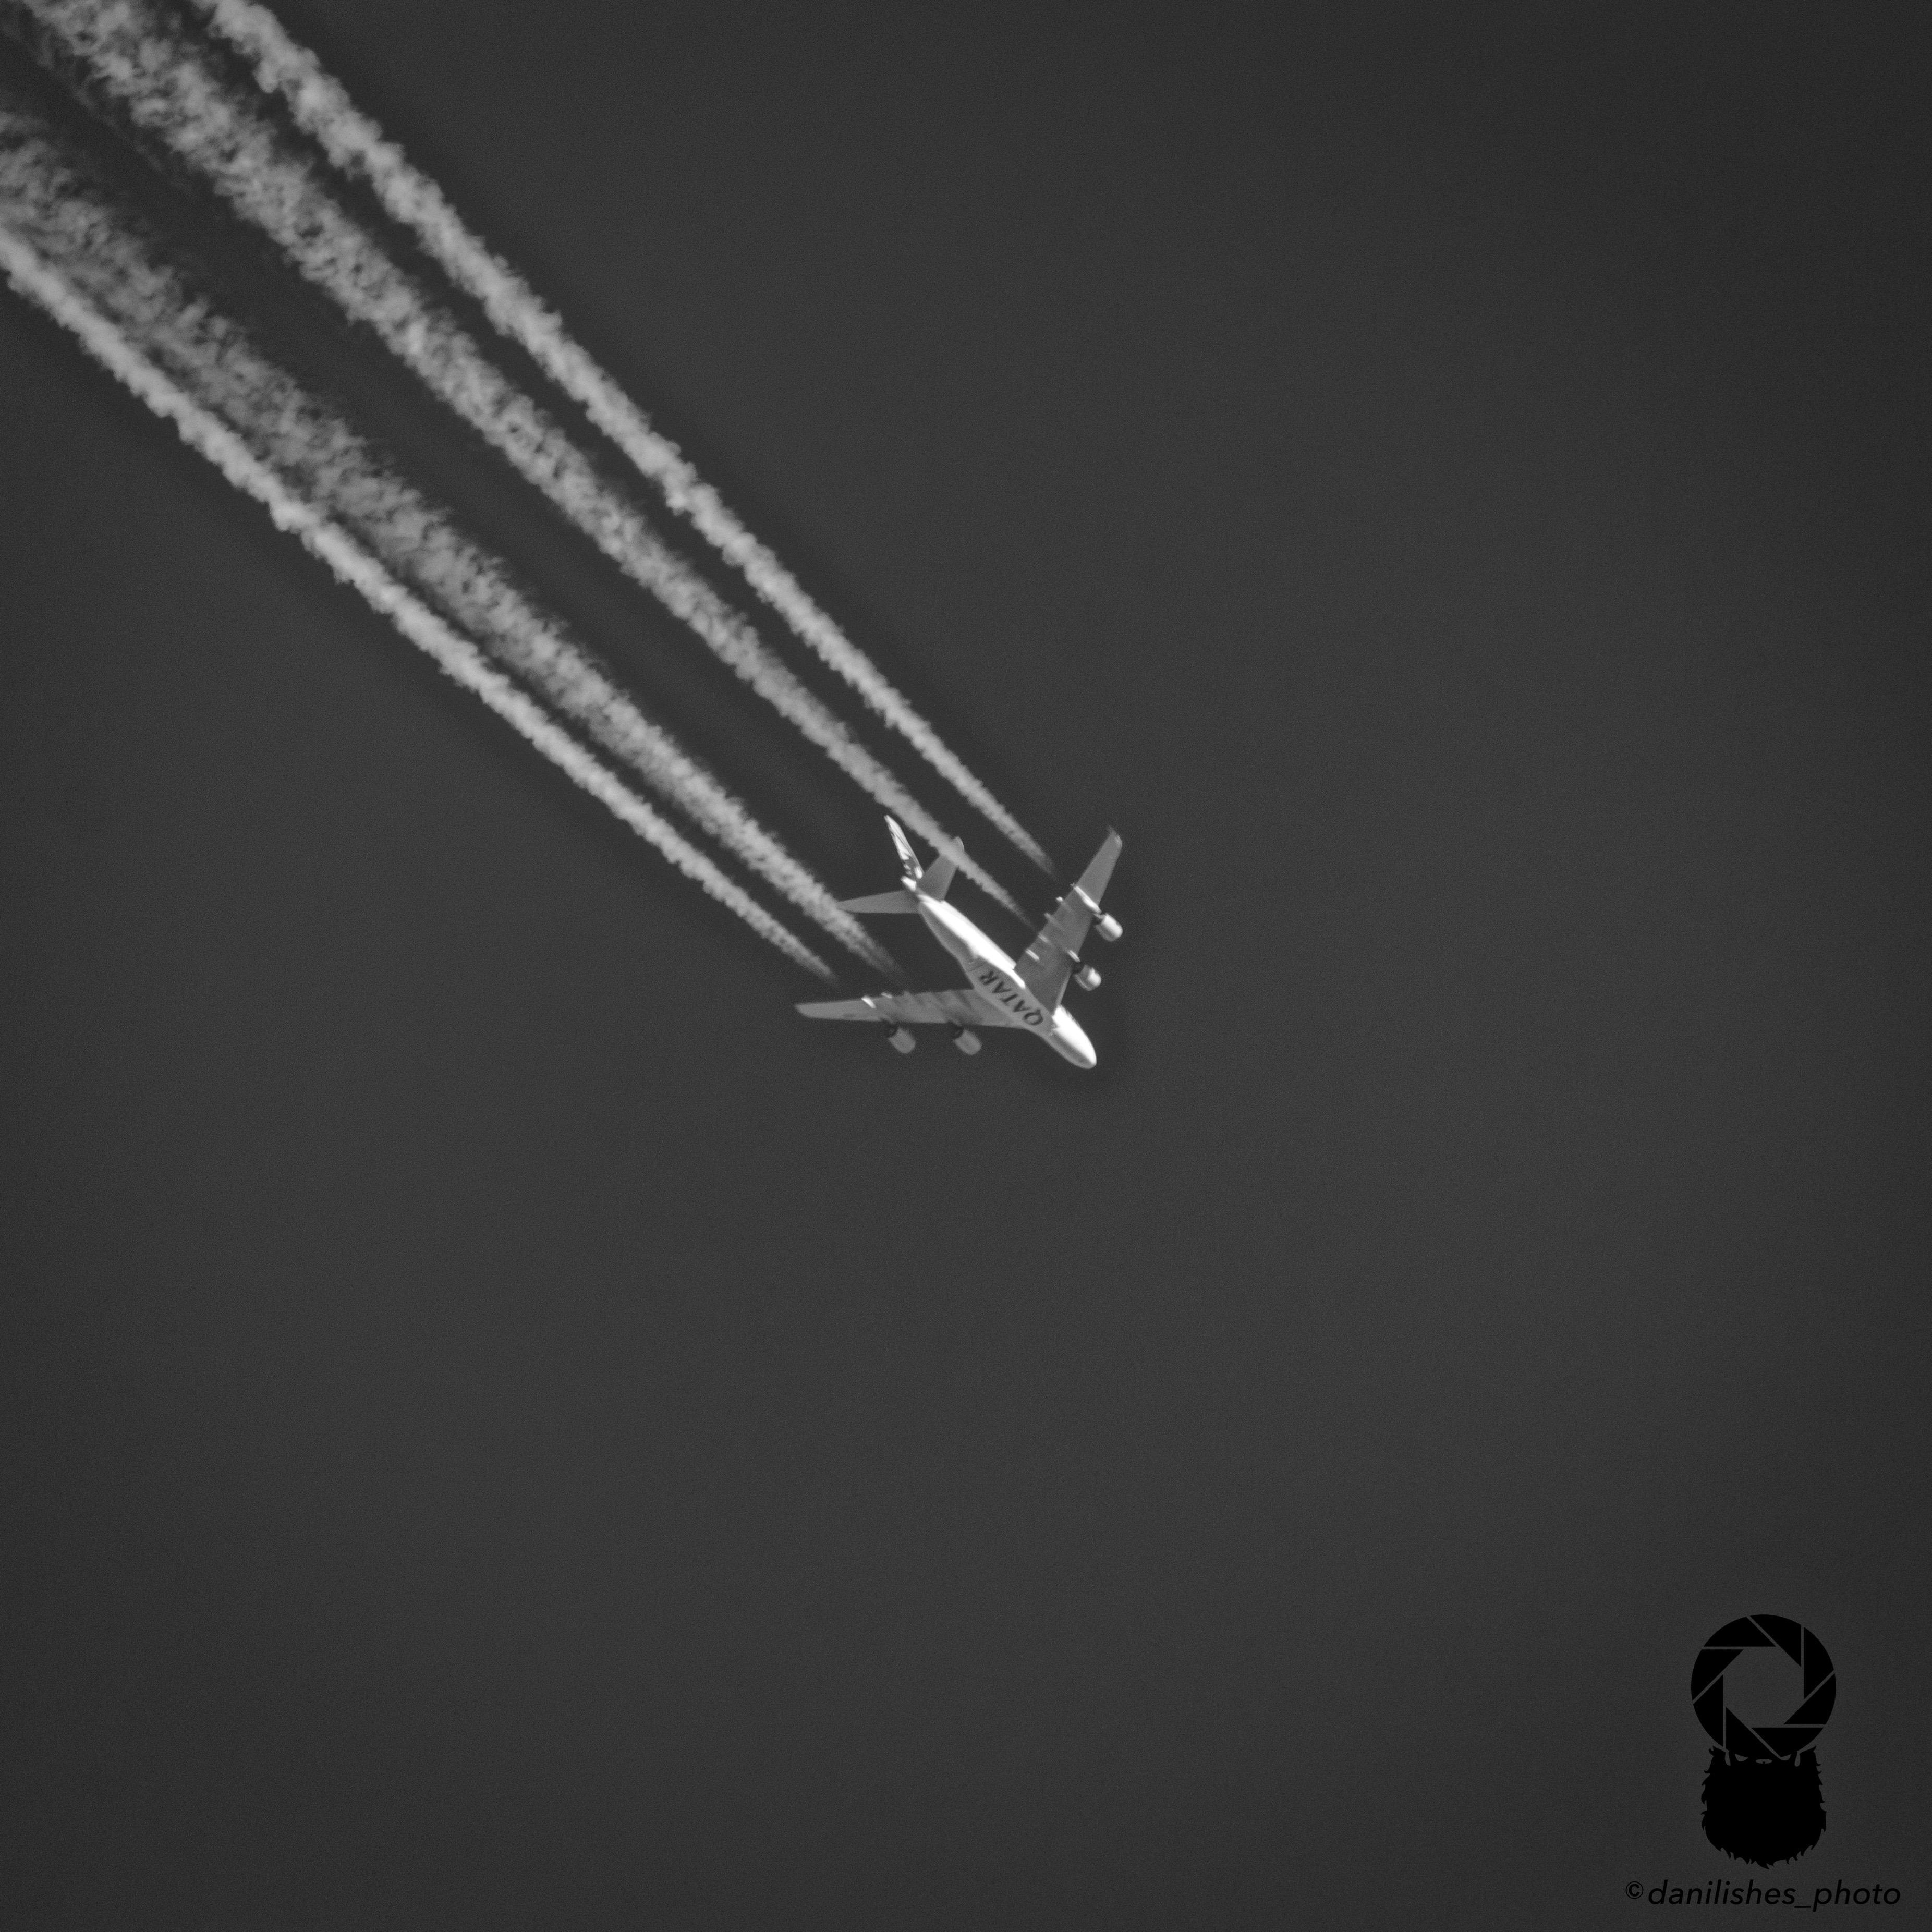 ...qatar airways...